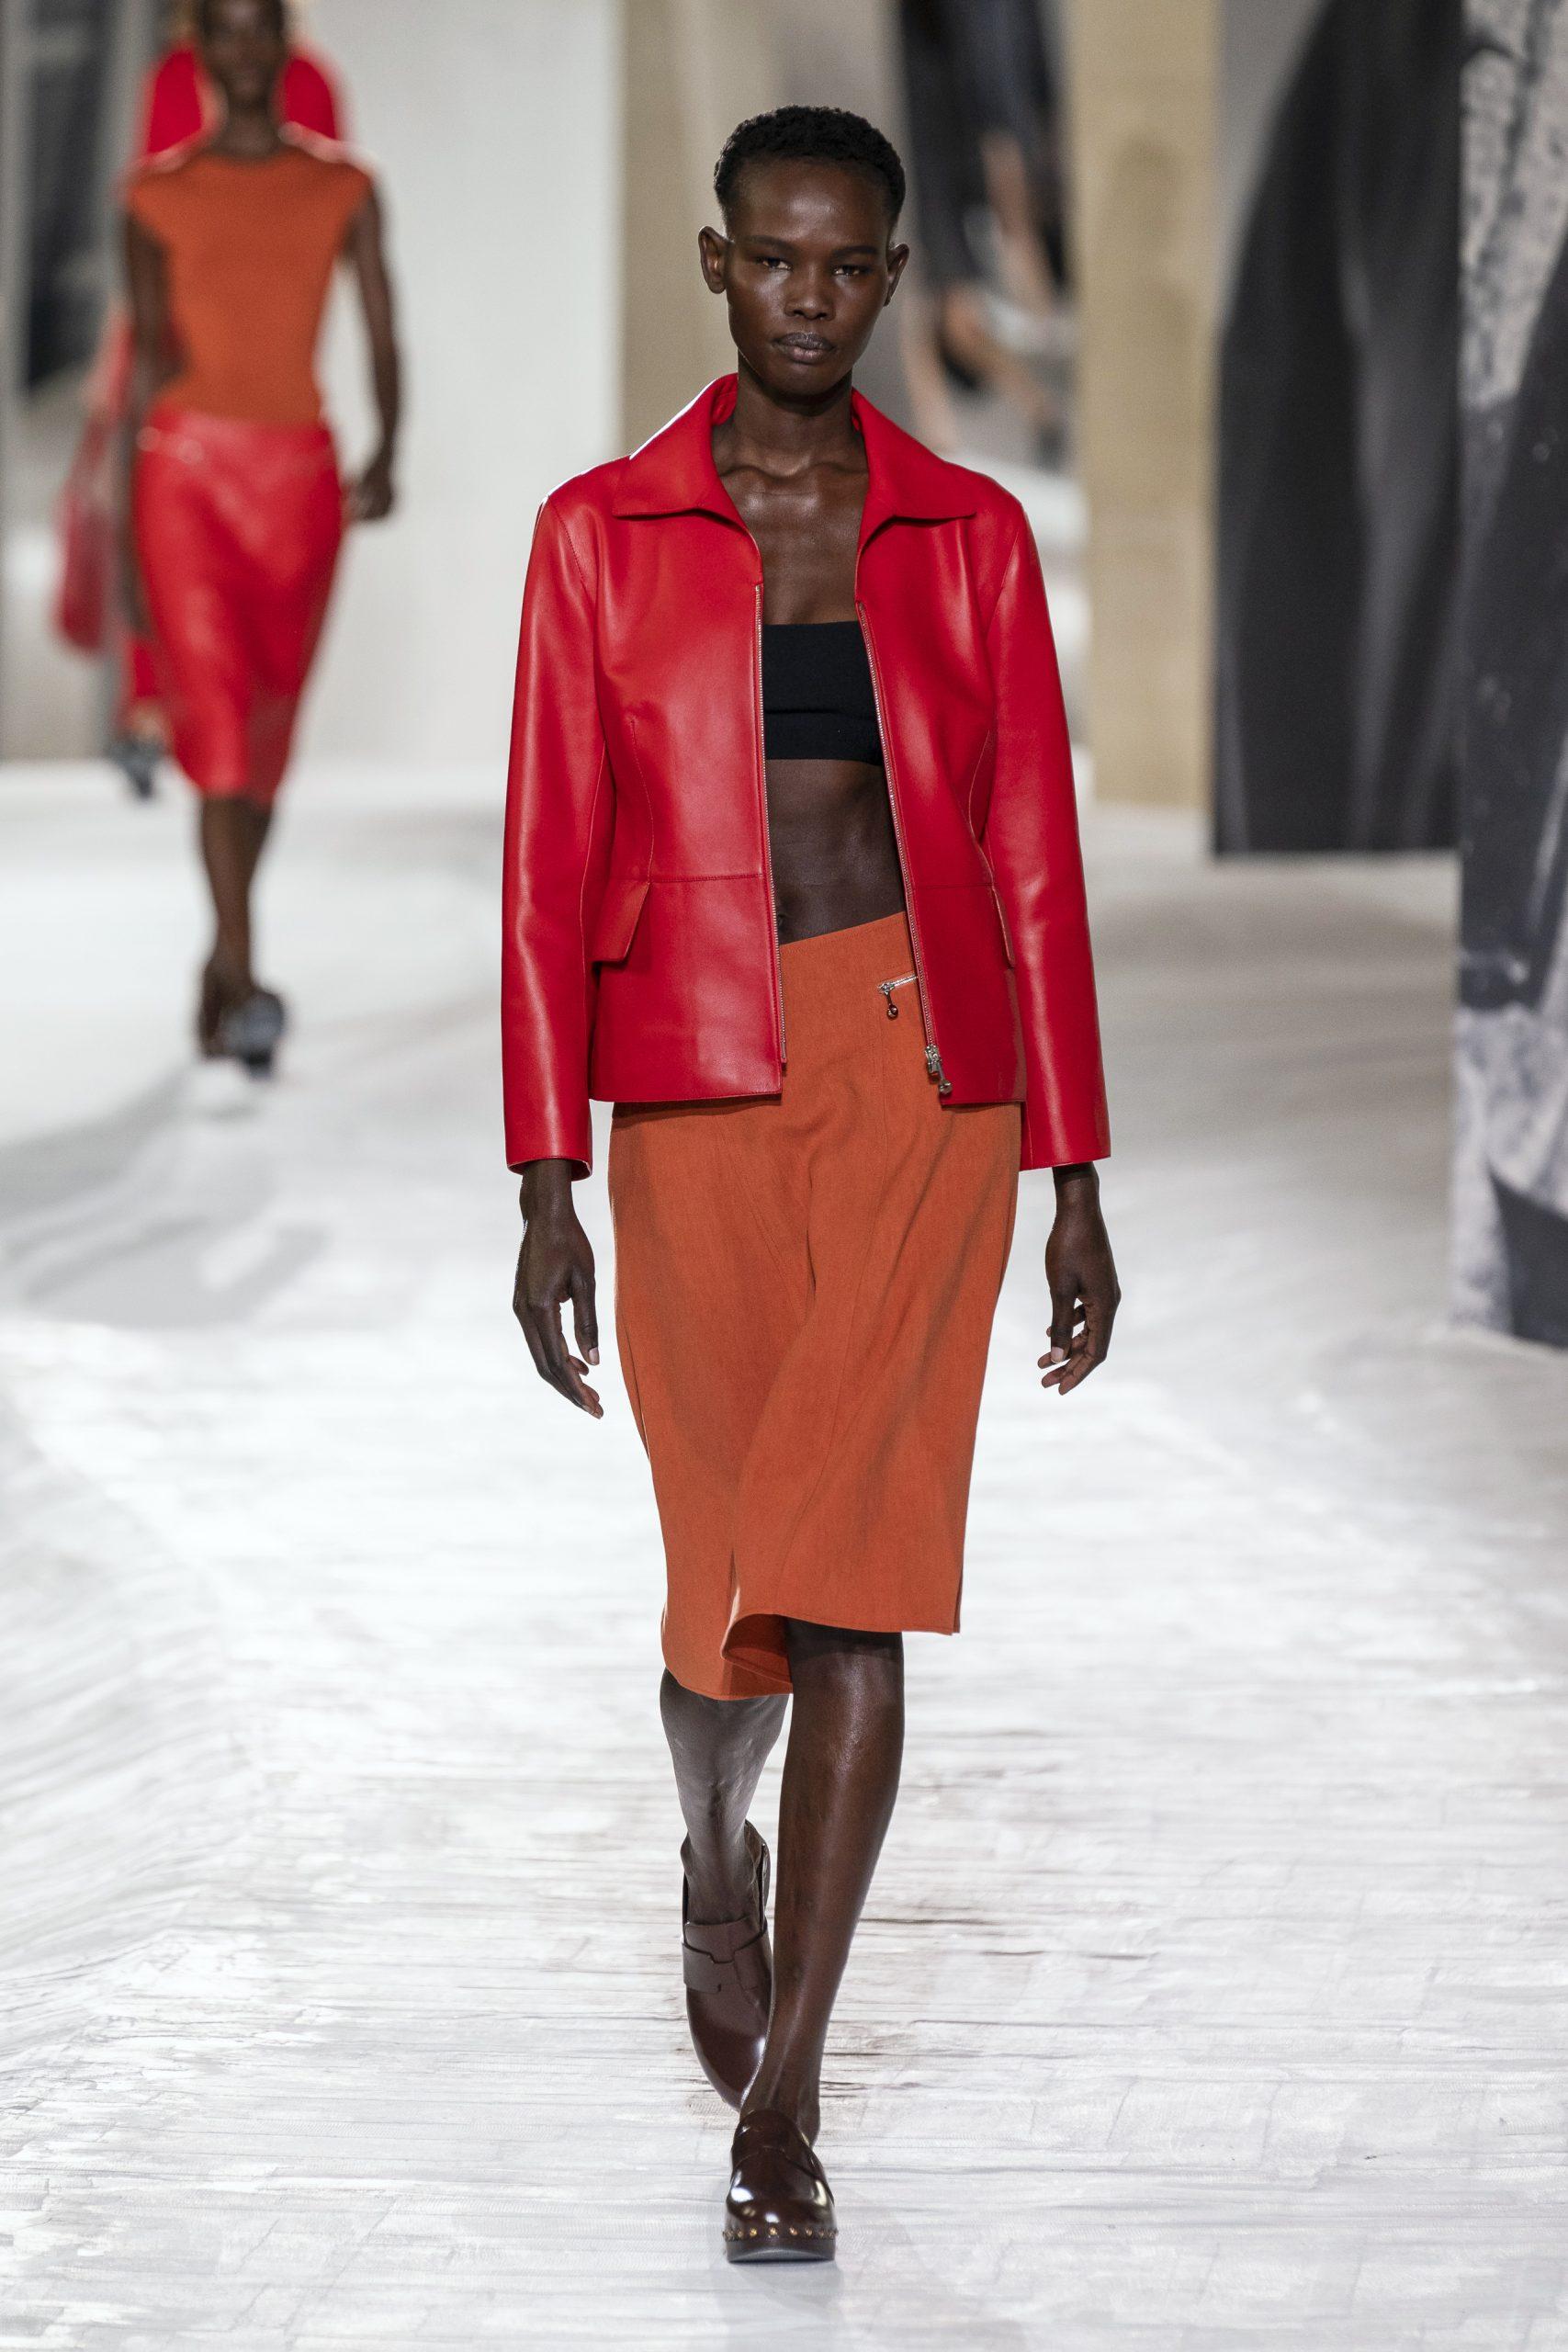 9. kép: Párizsi divathét - Hermès - 2021 tavasz-nyár - ready to wear